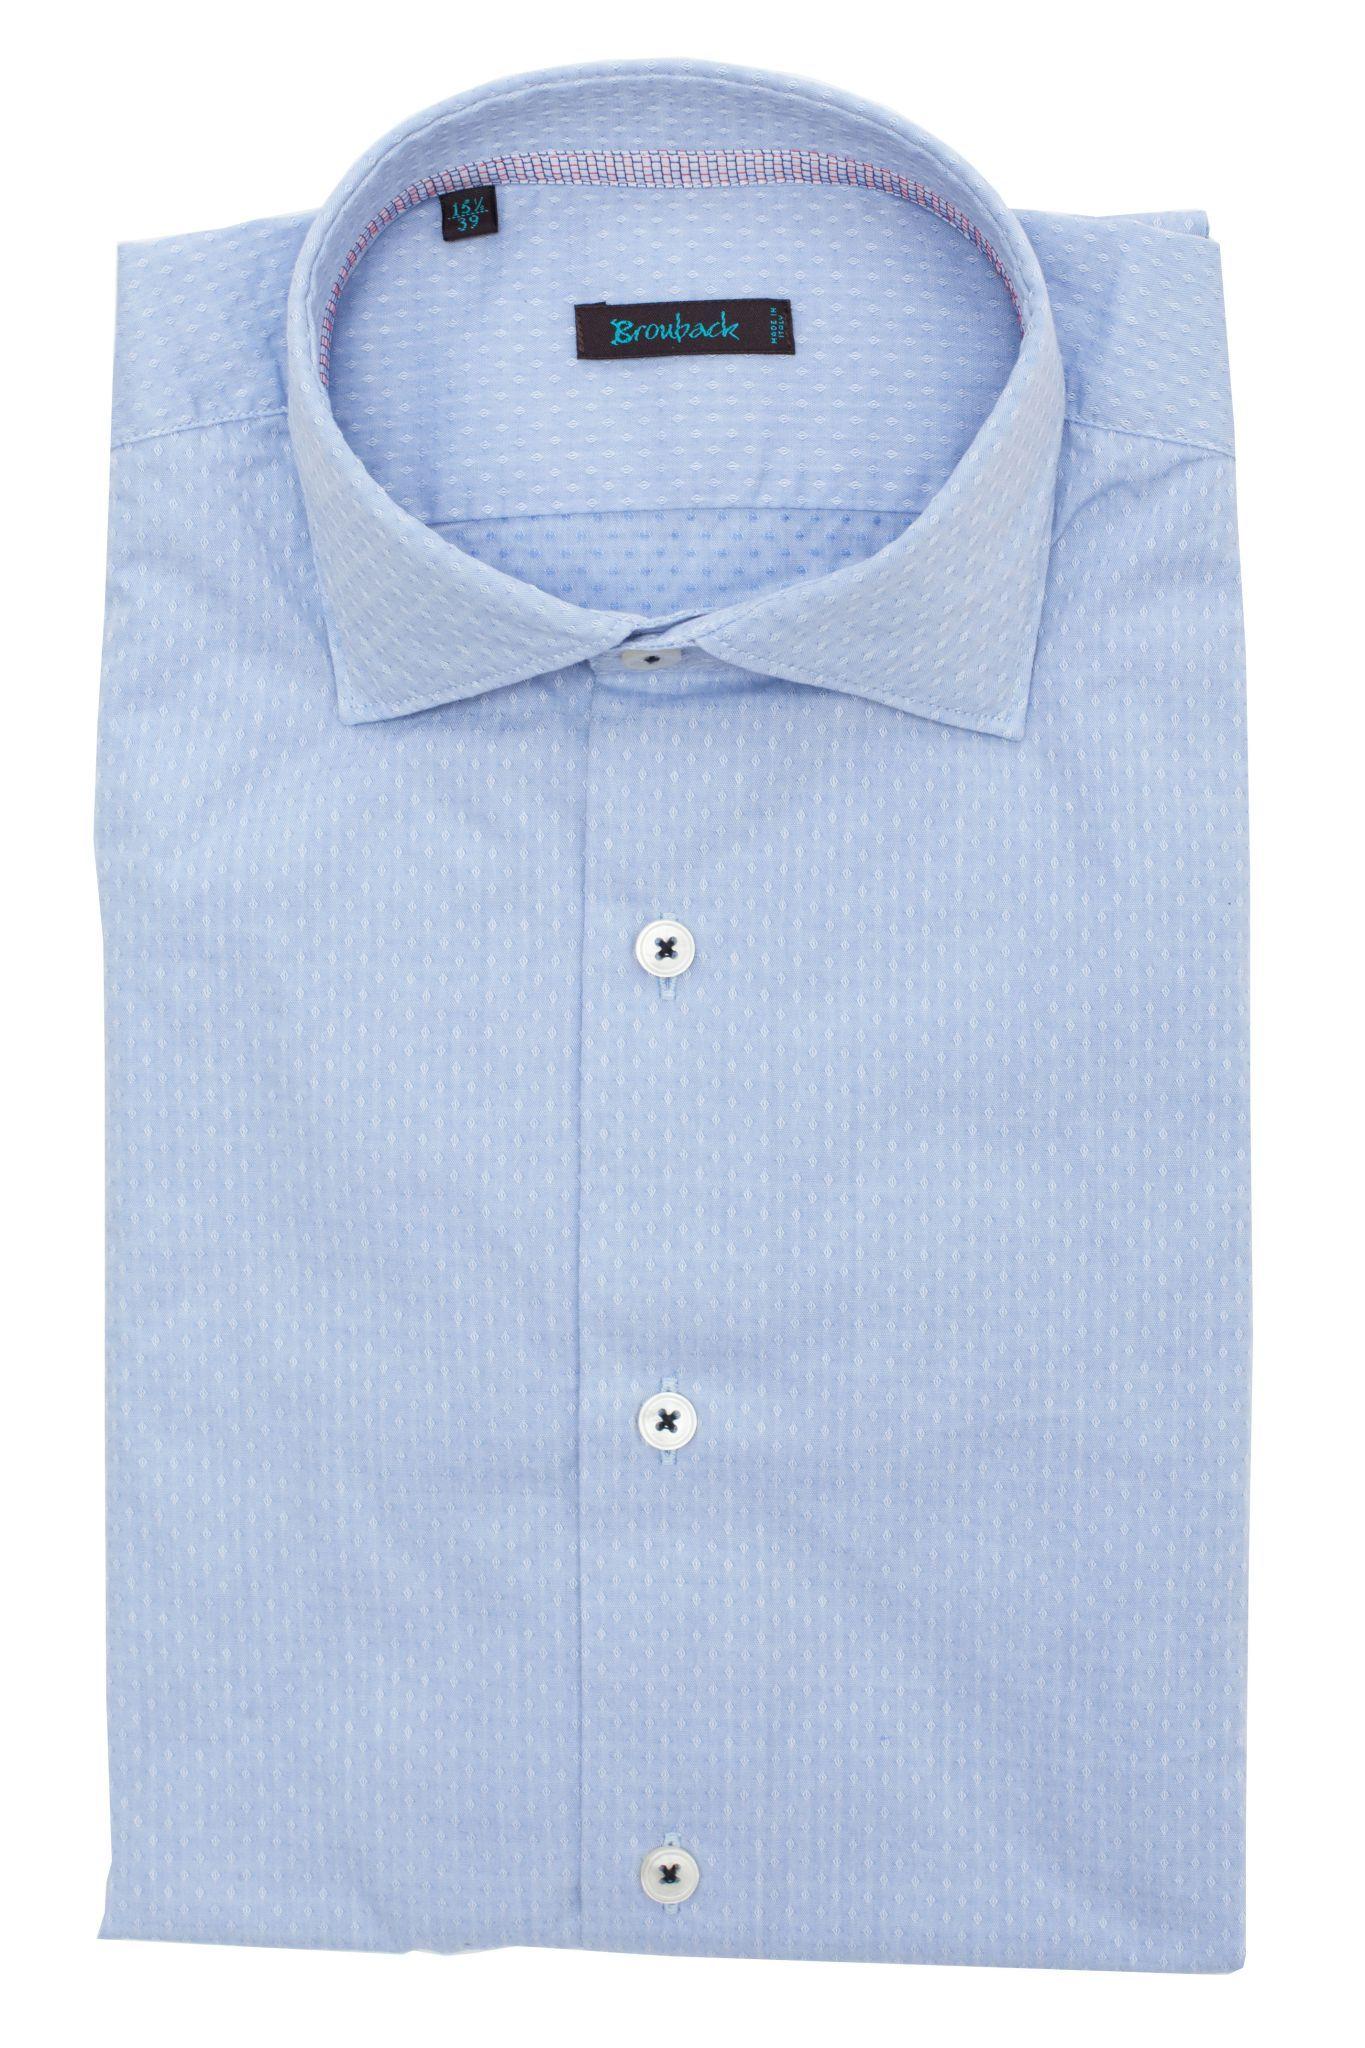 Светло-голубая рубашка в частый белый ромбик